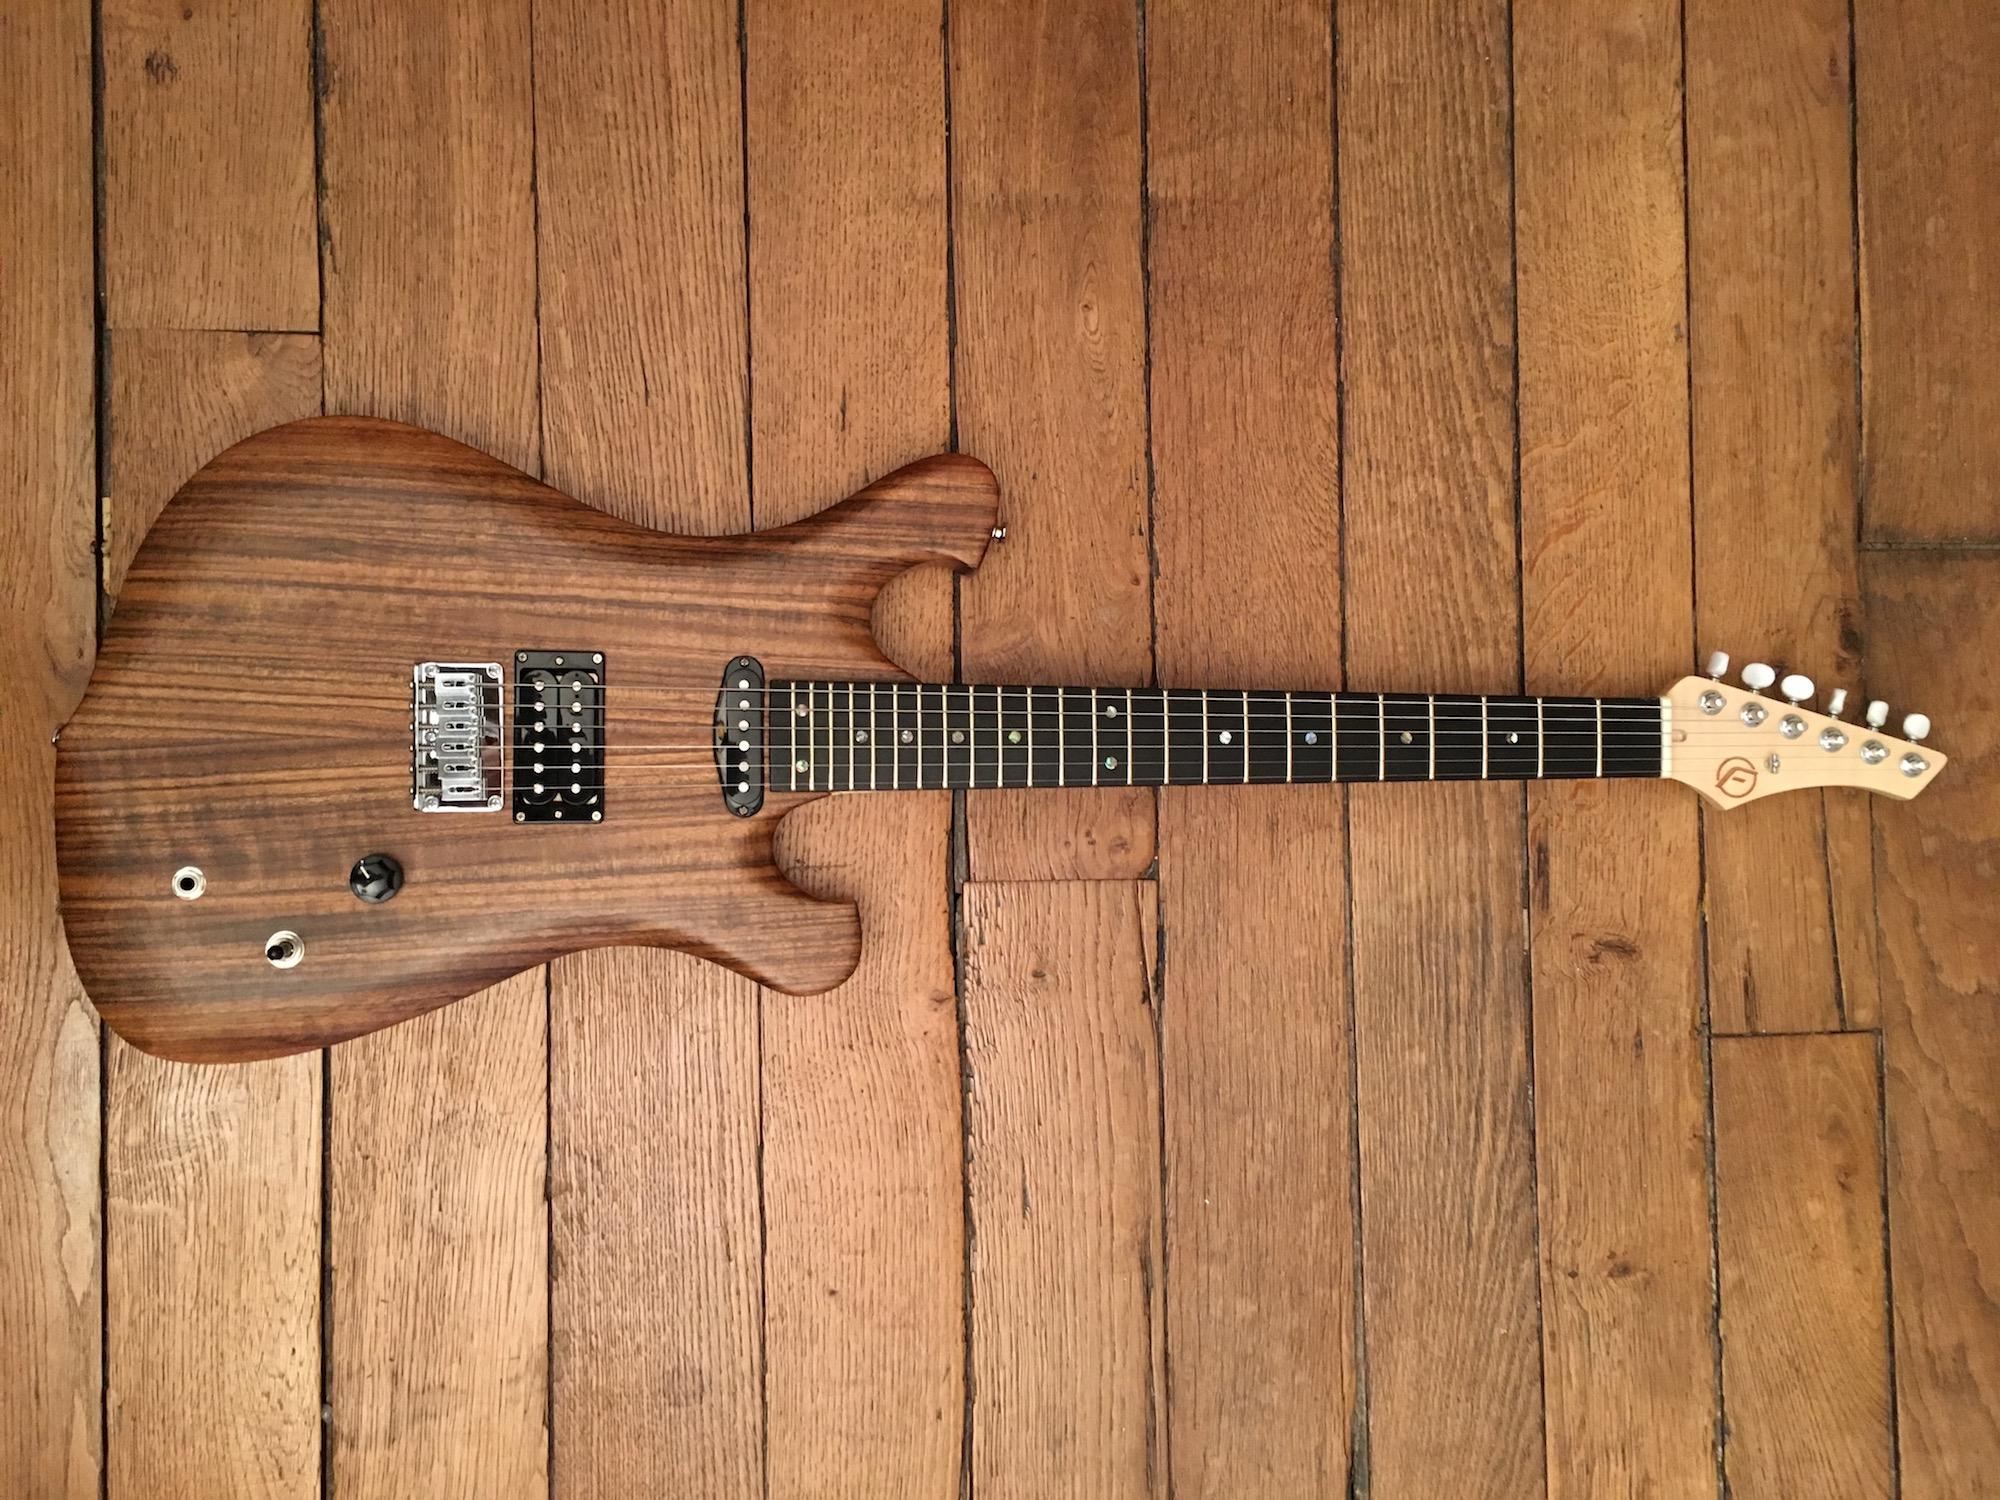 Test Guitare de luthier Franfret - Modèle Oniric